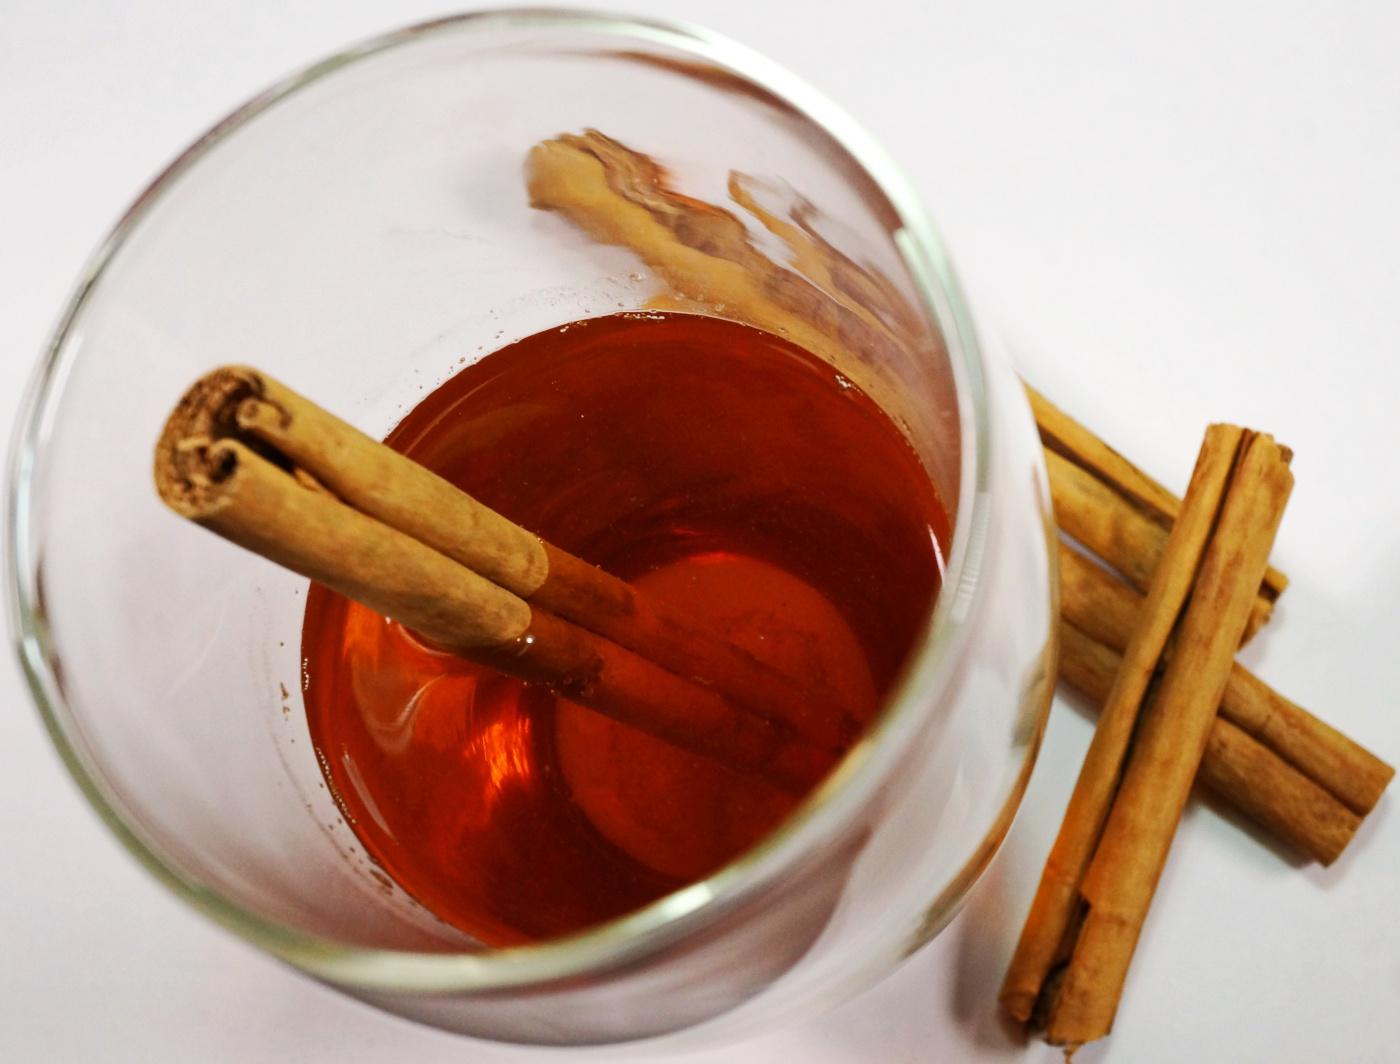 apfelsaft-mit-zimt-hot-apple-juice-with-cinnamon